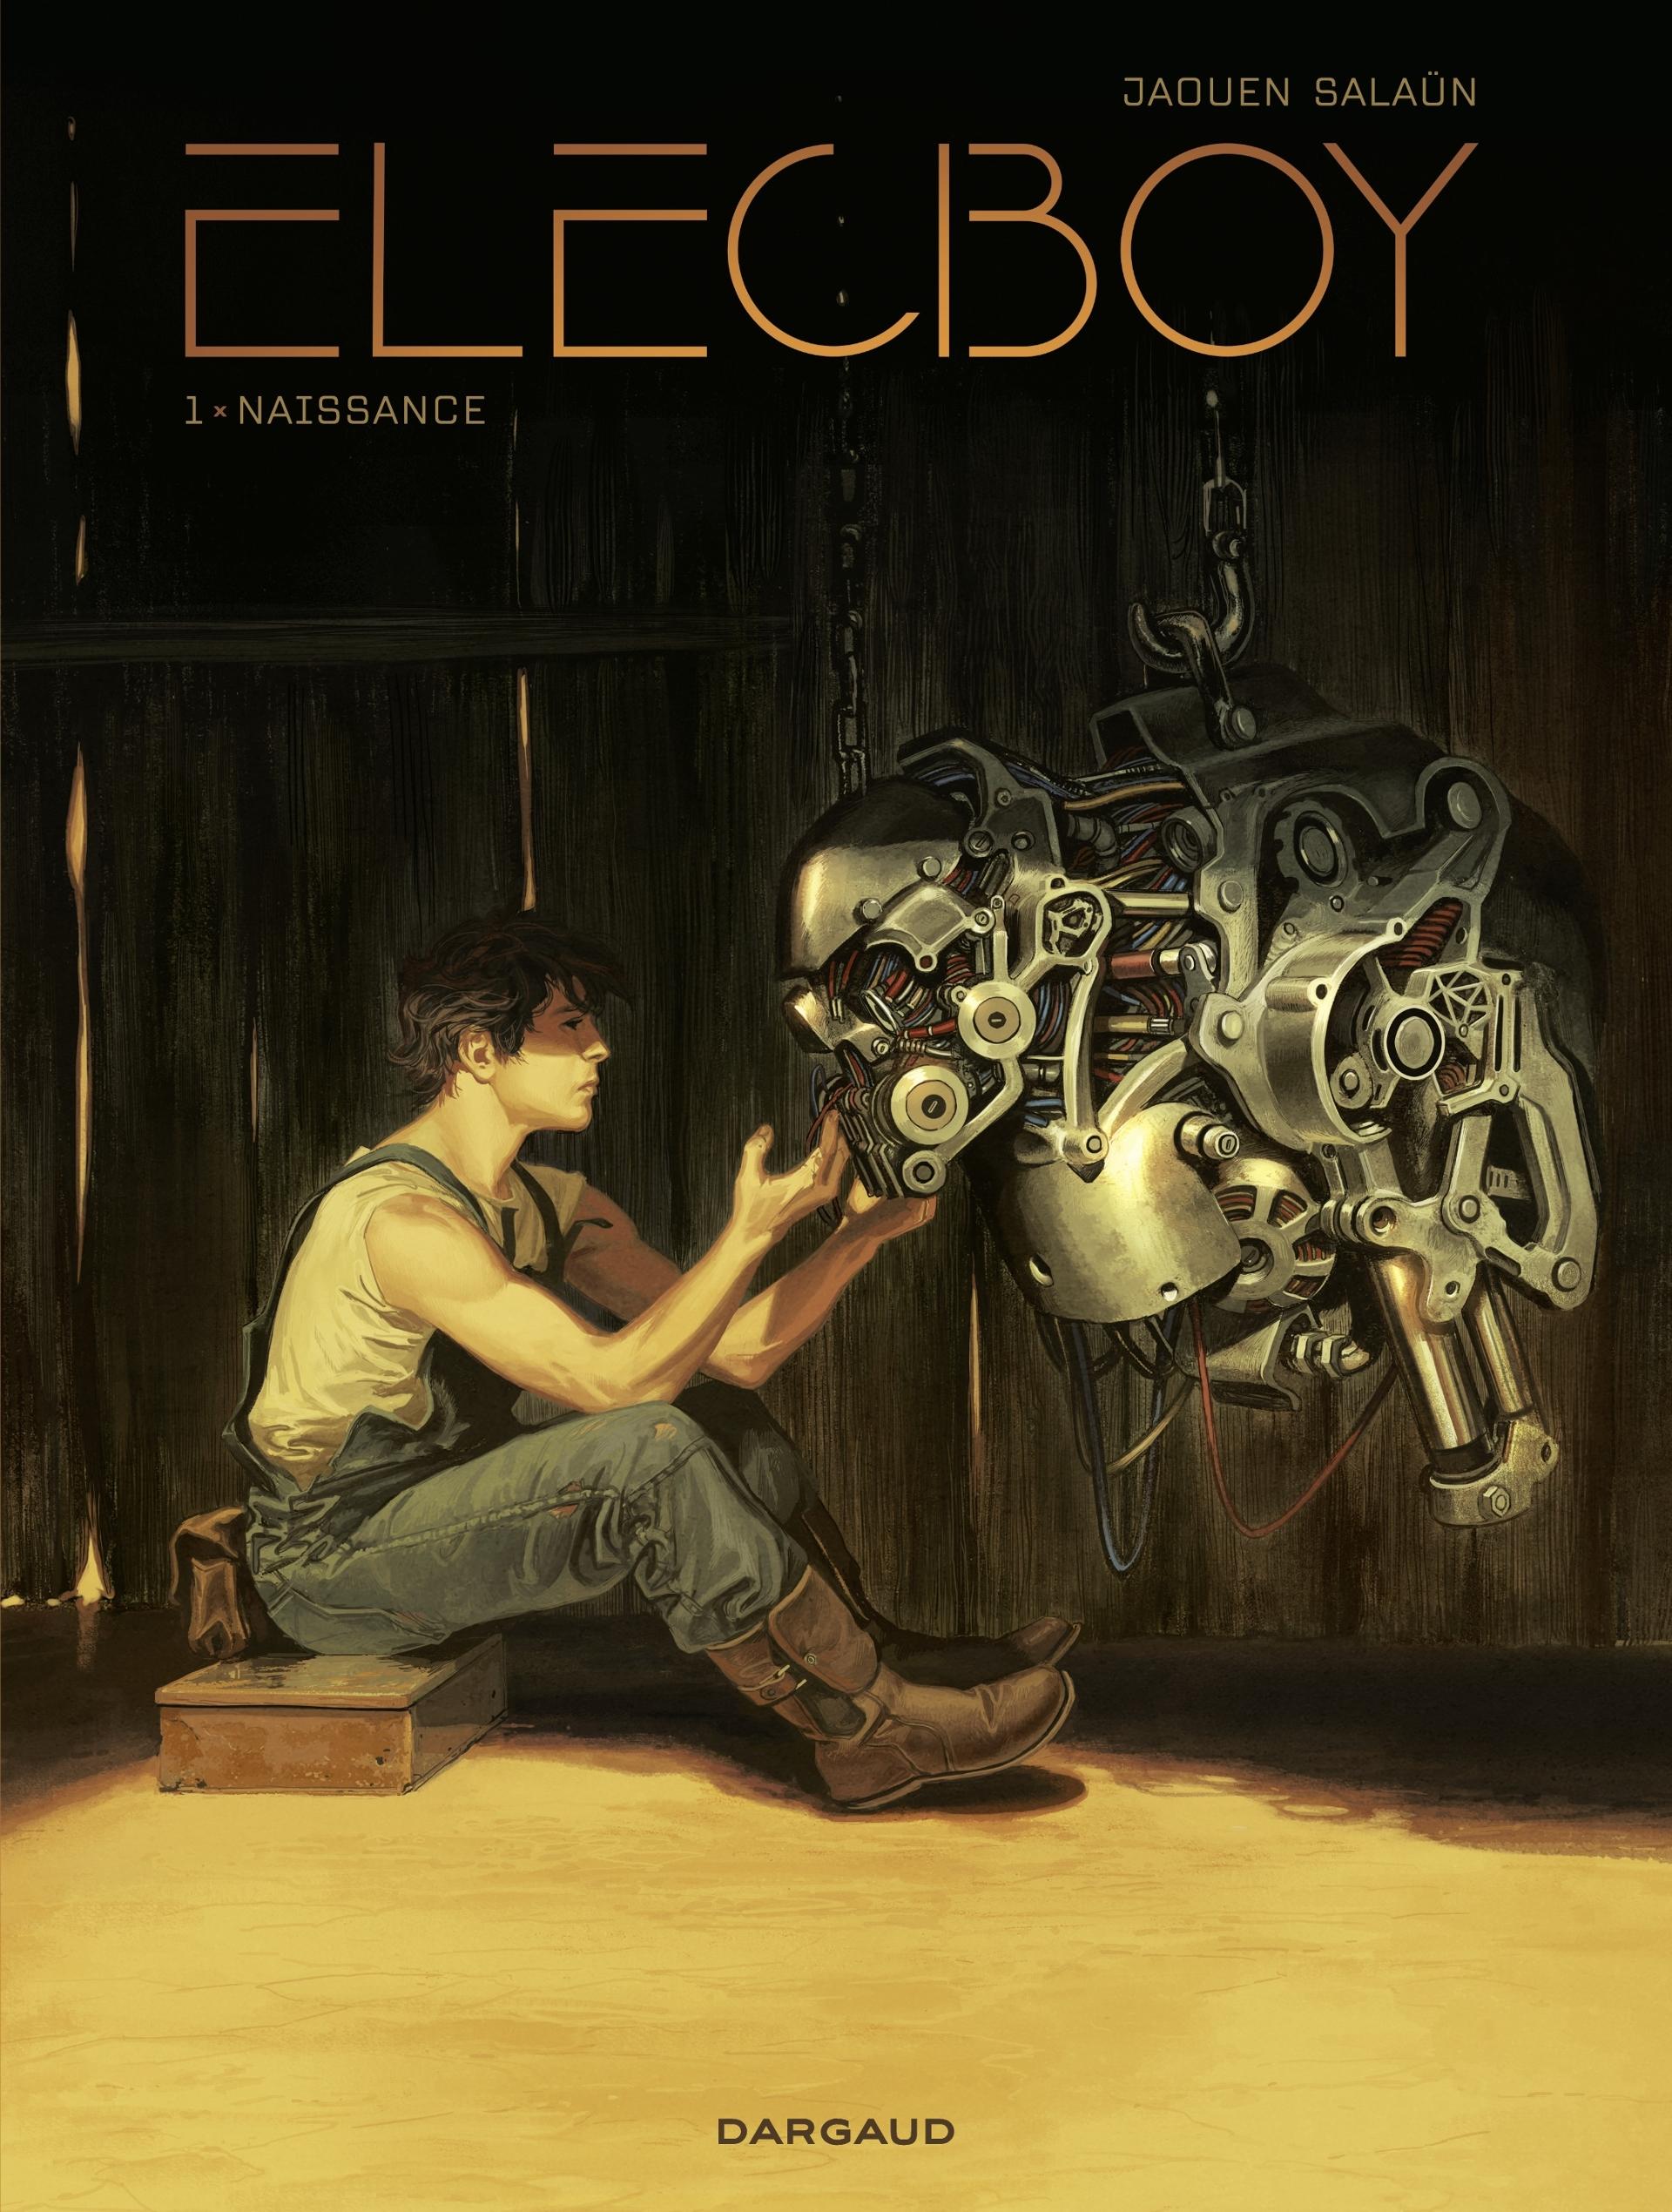 Elecboy 1 - Naissance